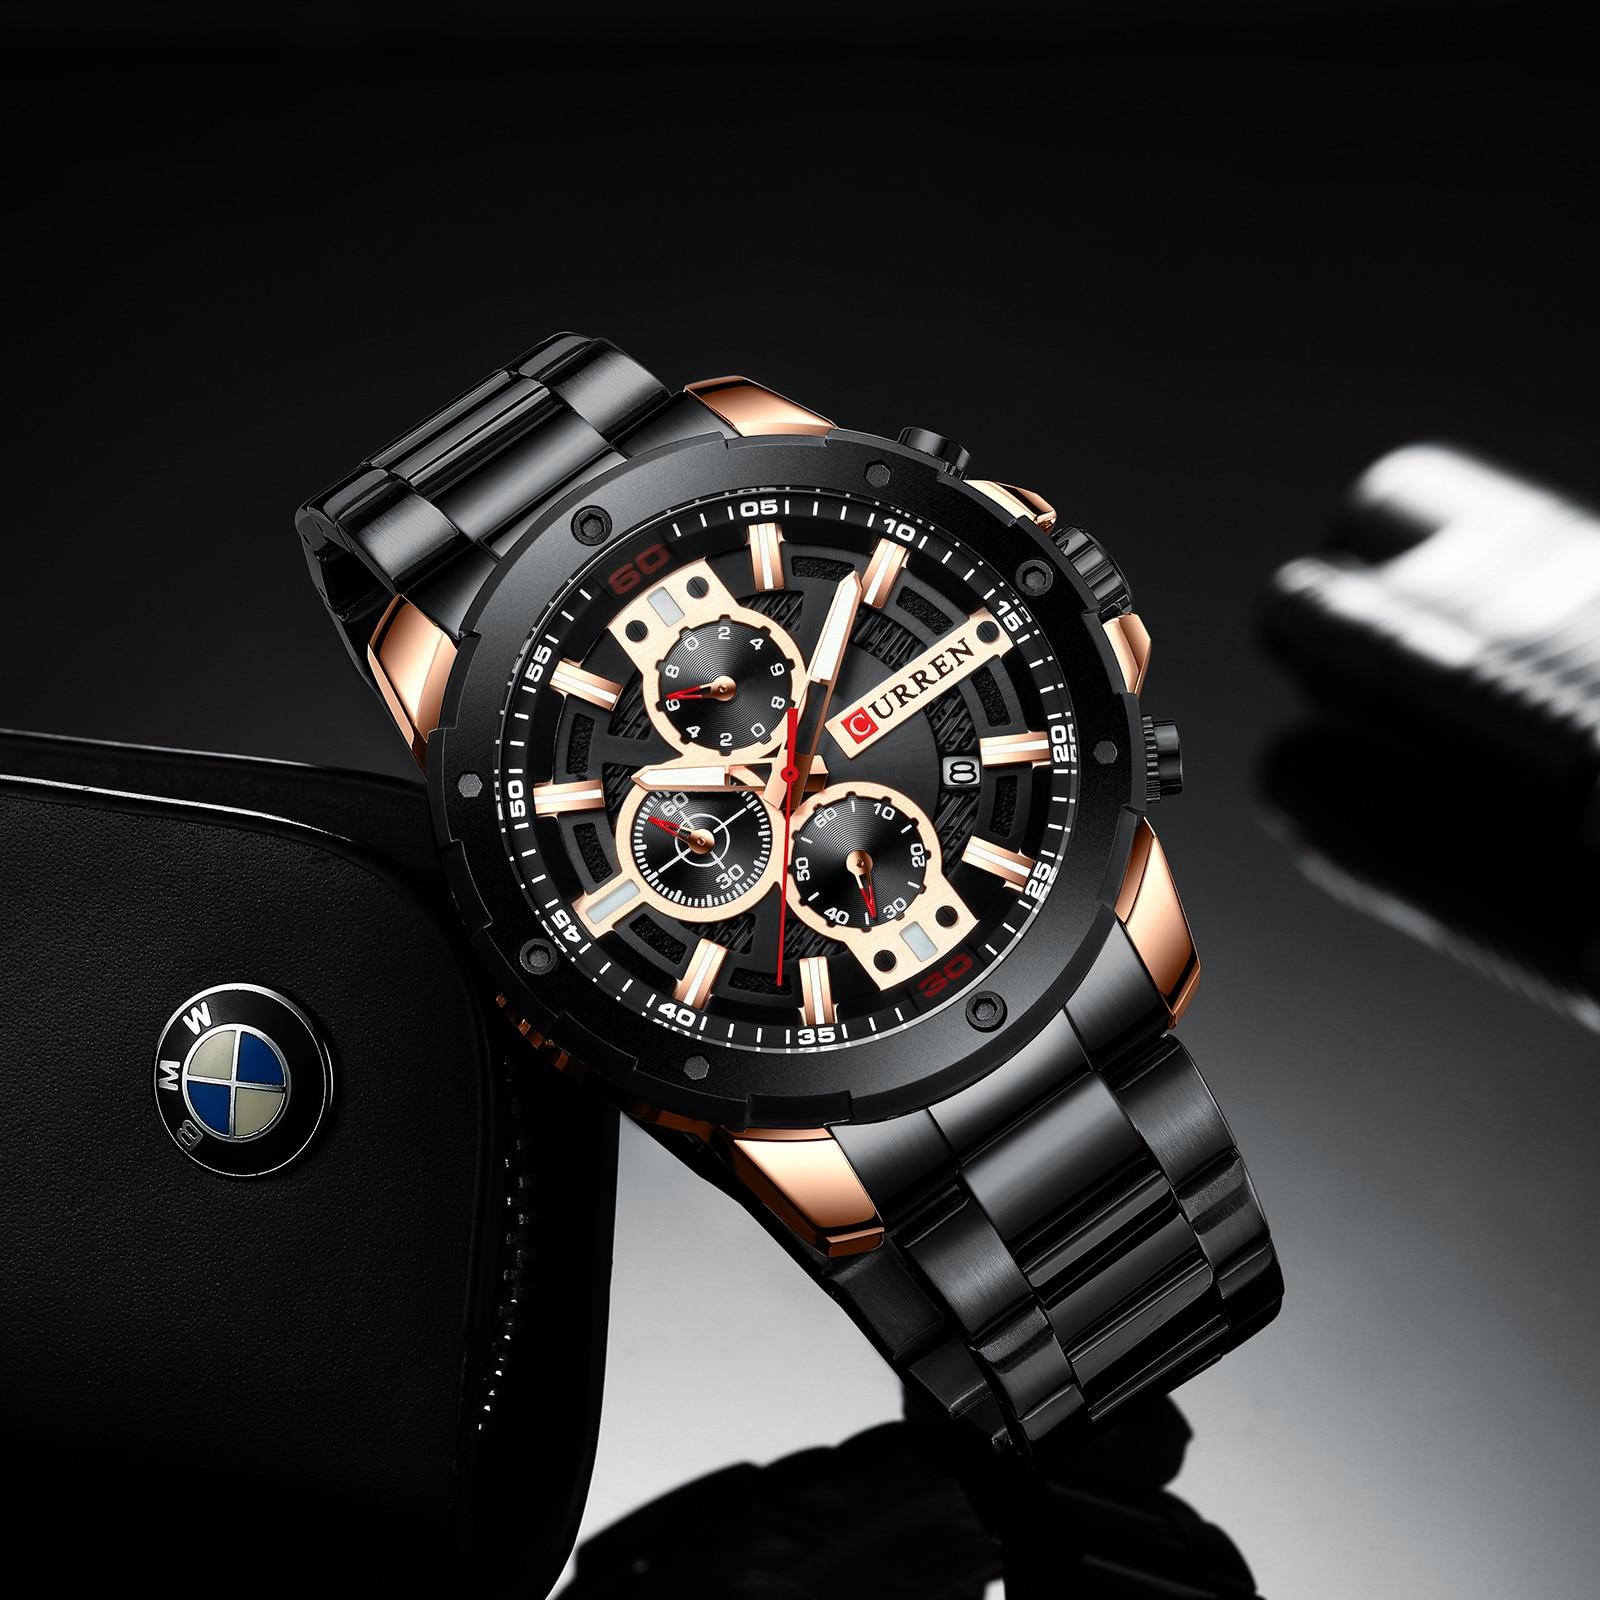 Banda de Aço Desportivo à Prova Curren Relógios Inoxidável Relógio Quartzo Cronógrafo Militar Masculino Moda Dwaterproof Água 8336